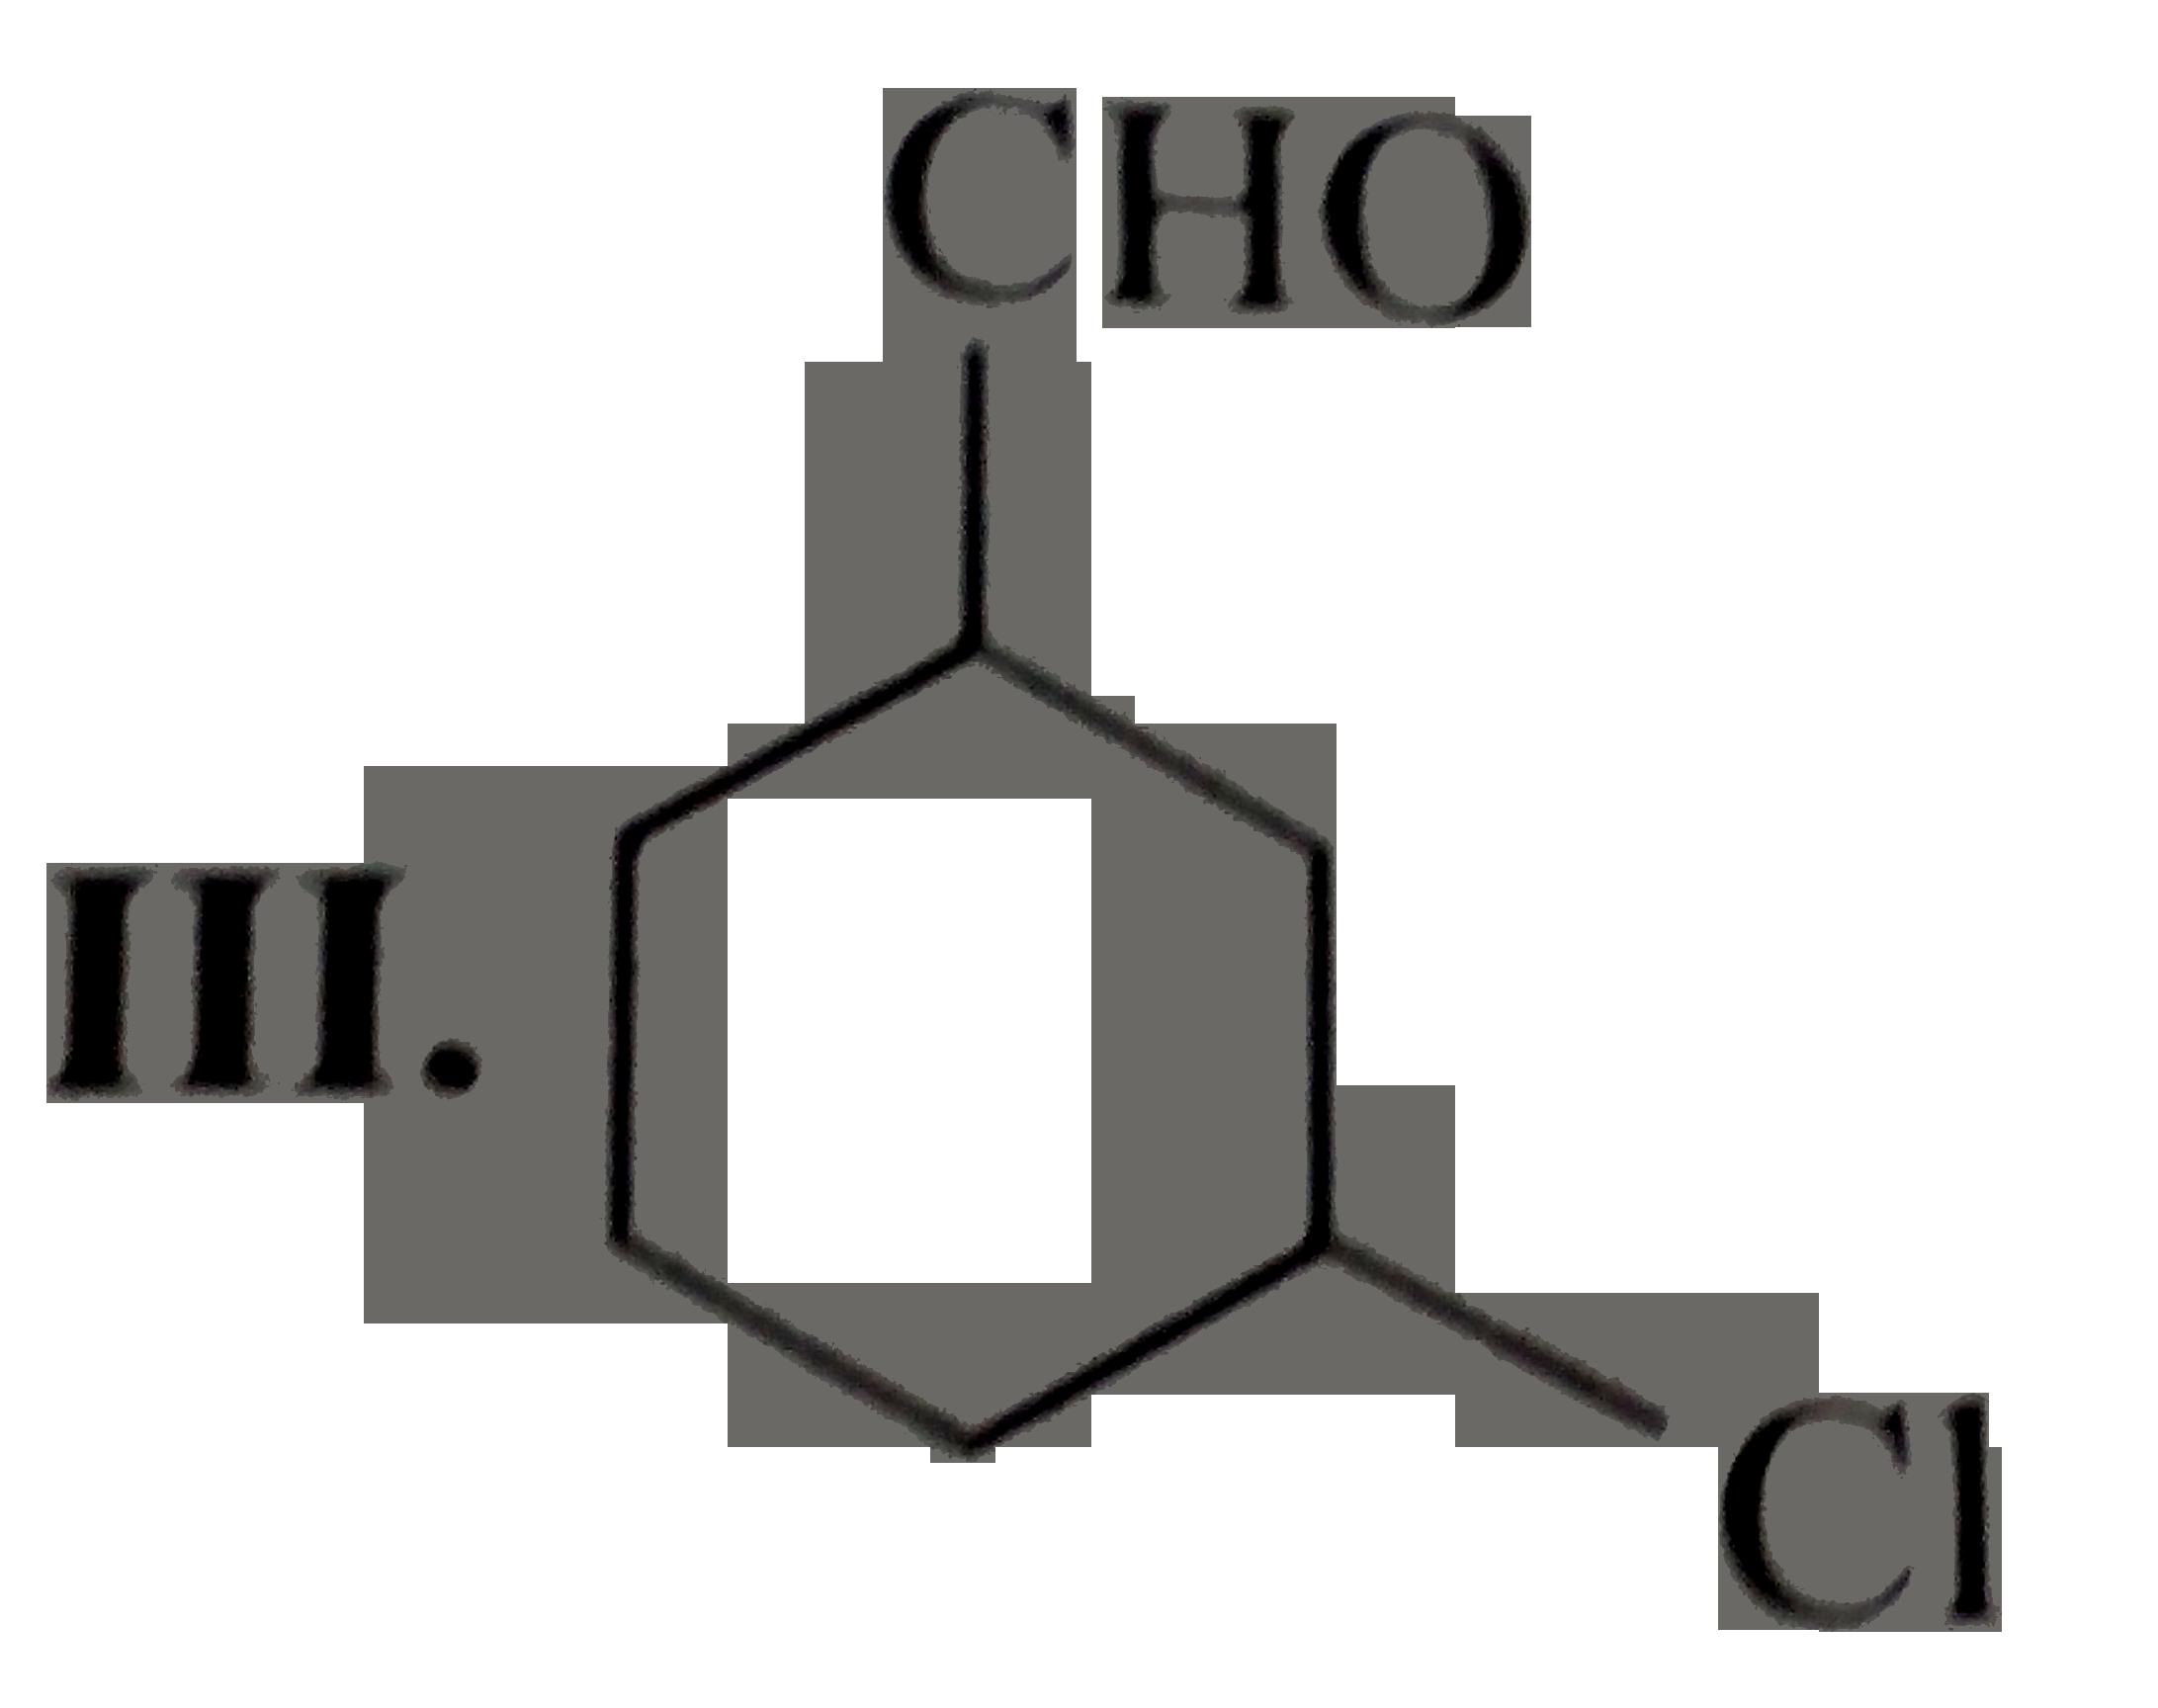 dikvertin-dihidrokercetin szemészeti áron)